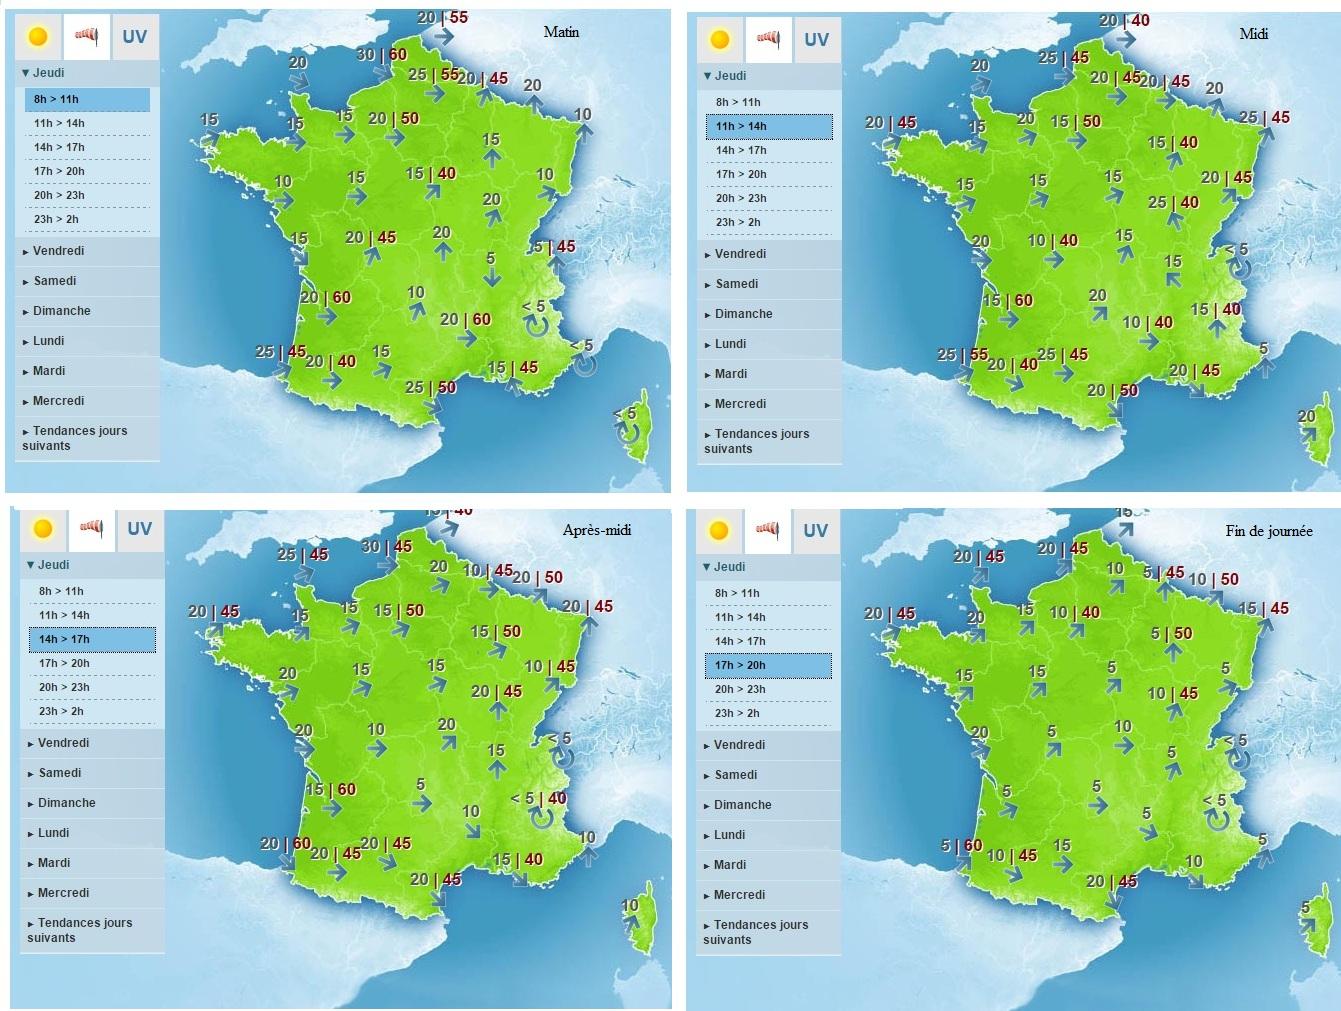 Carte météo France du 17 septembre 2015